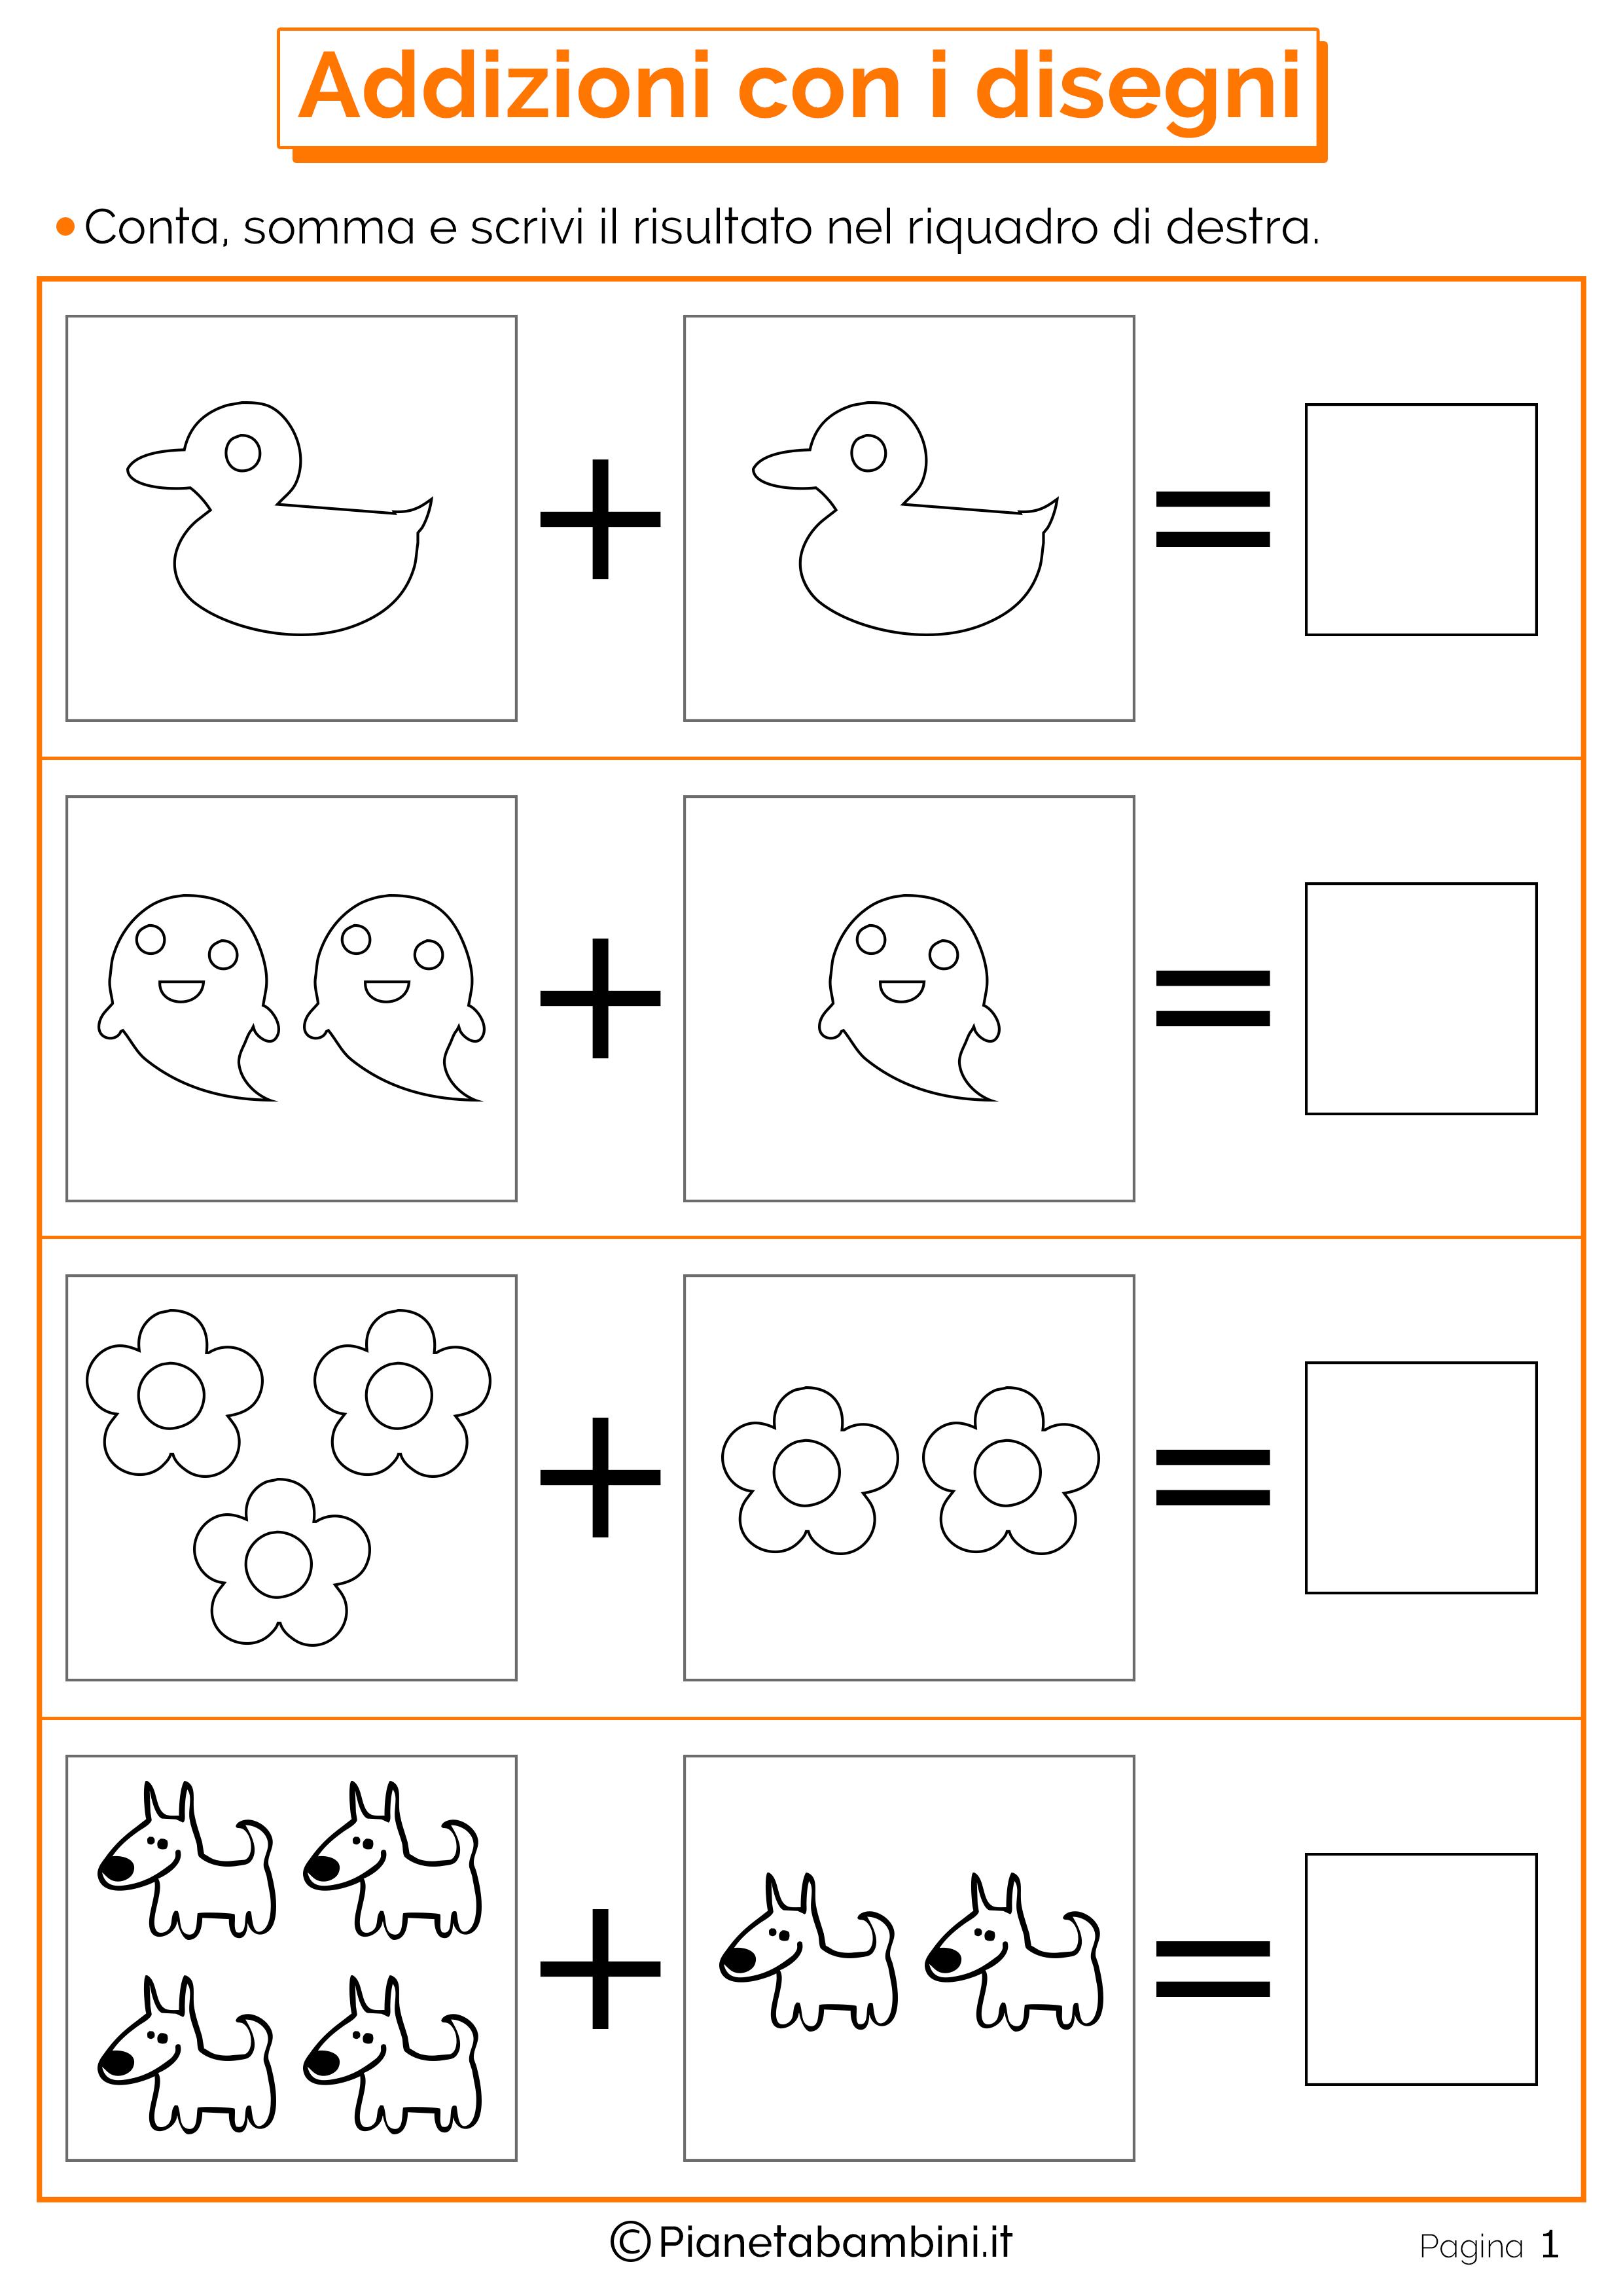 Souvent Giochi di Matematica sulle Addizioni per Bambini da Stampare  UR81